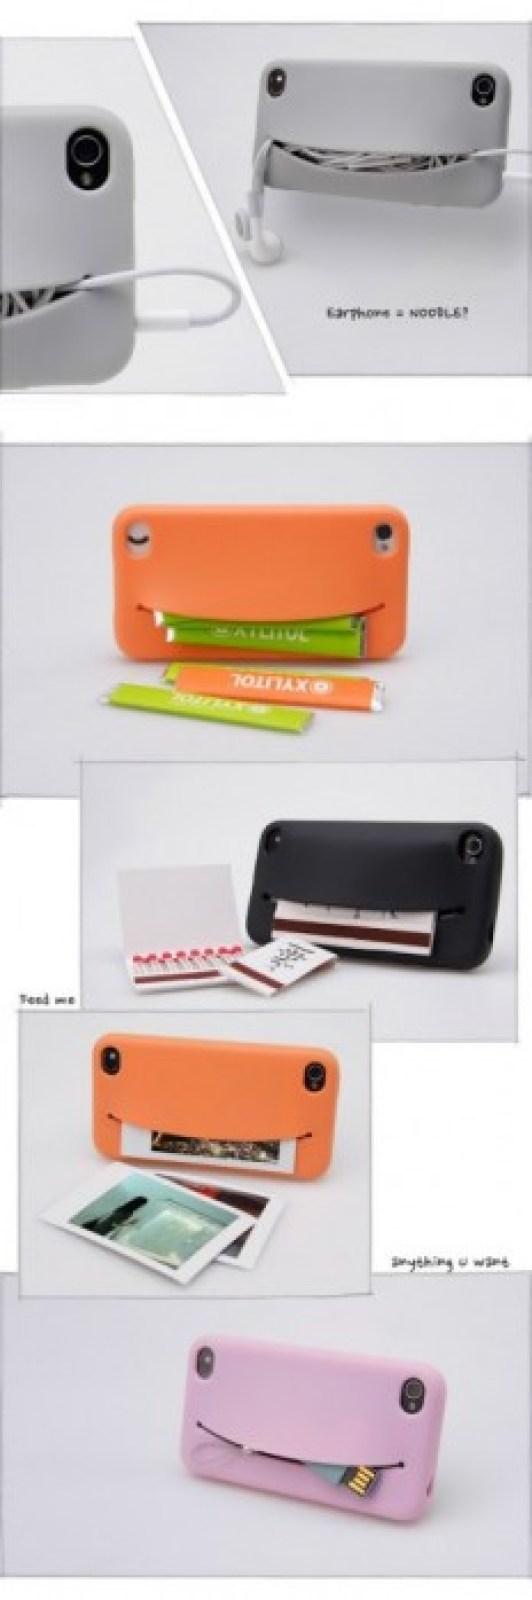 feedme 4 Feed Me iPhone Case...เคสน่ารักๆ มีปากยิ้ม ไว้ใส่ของ